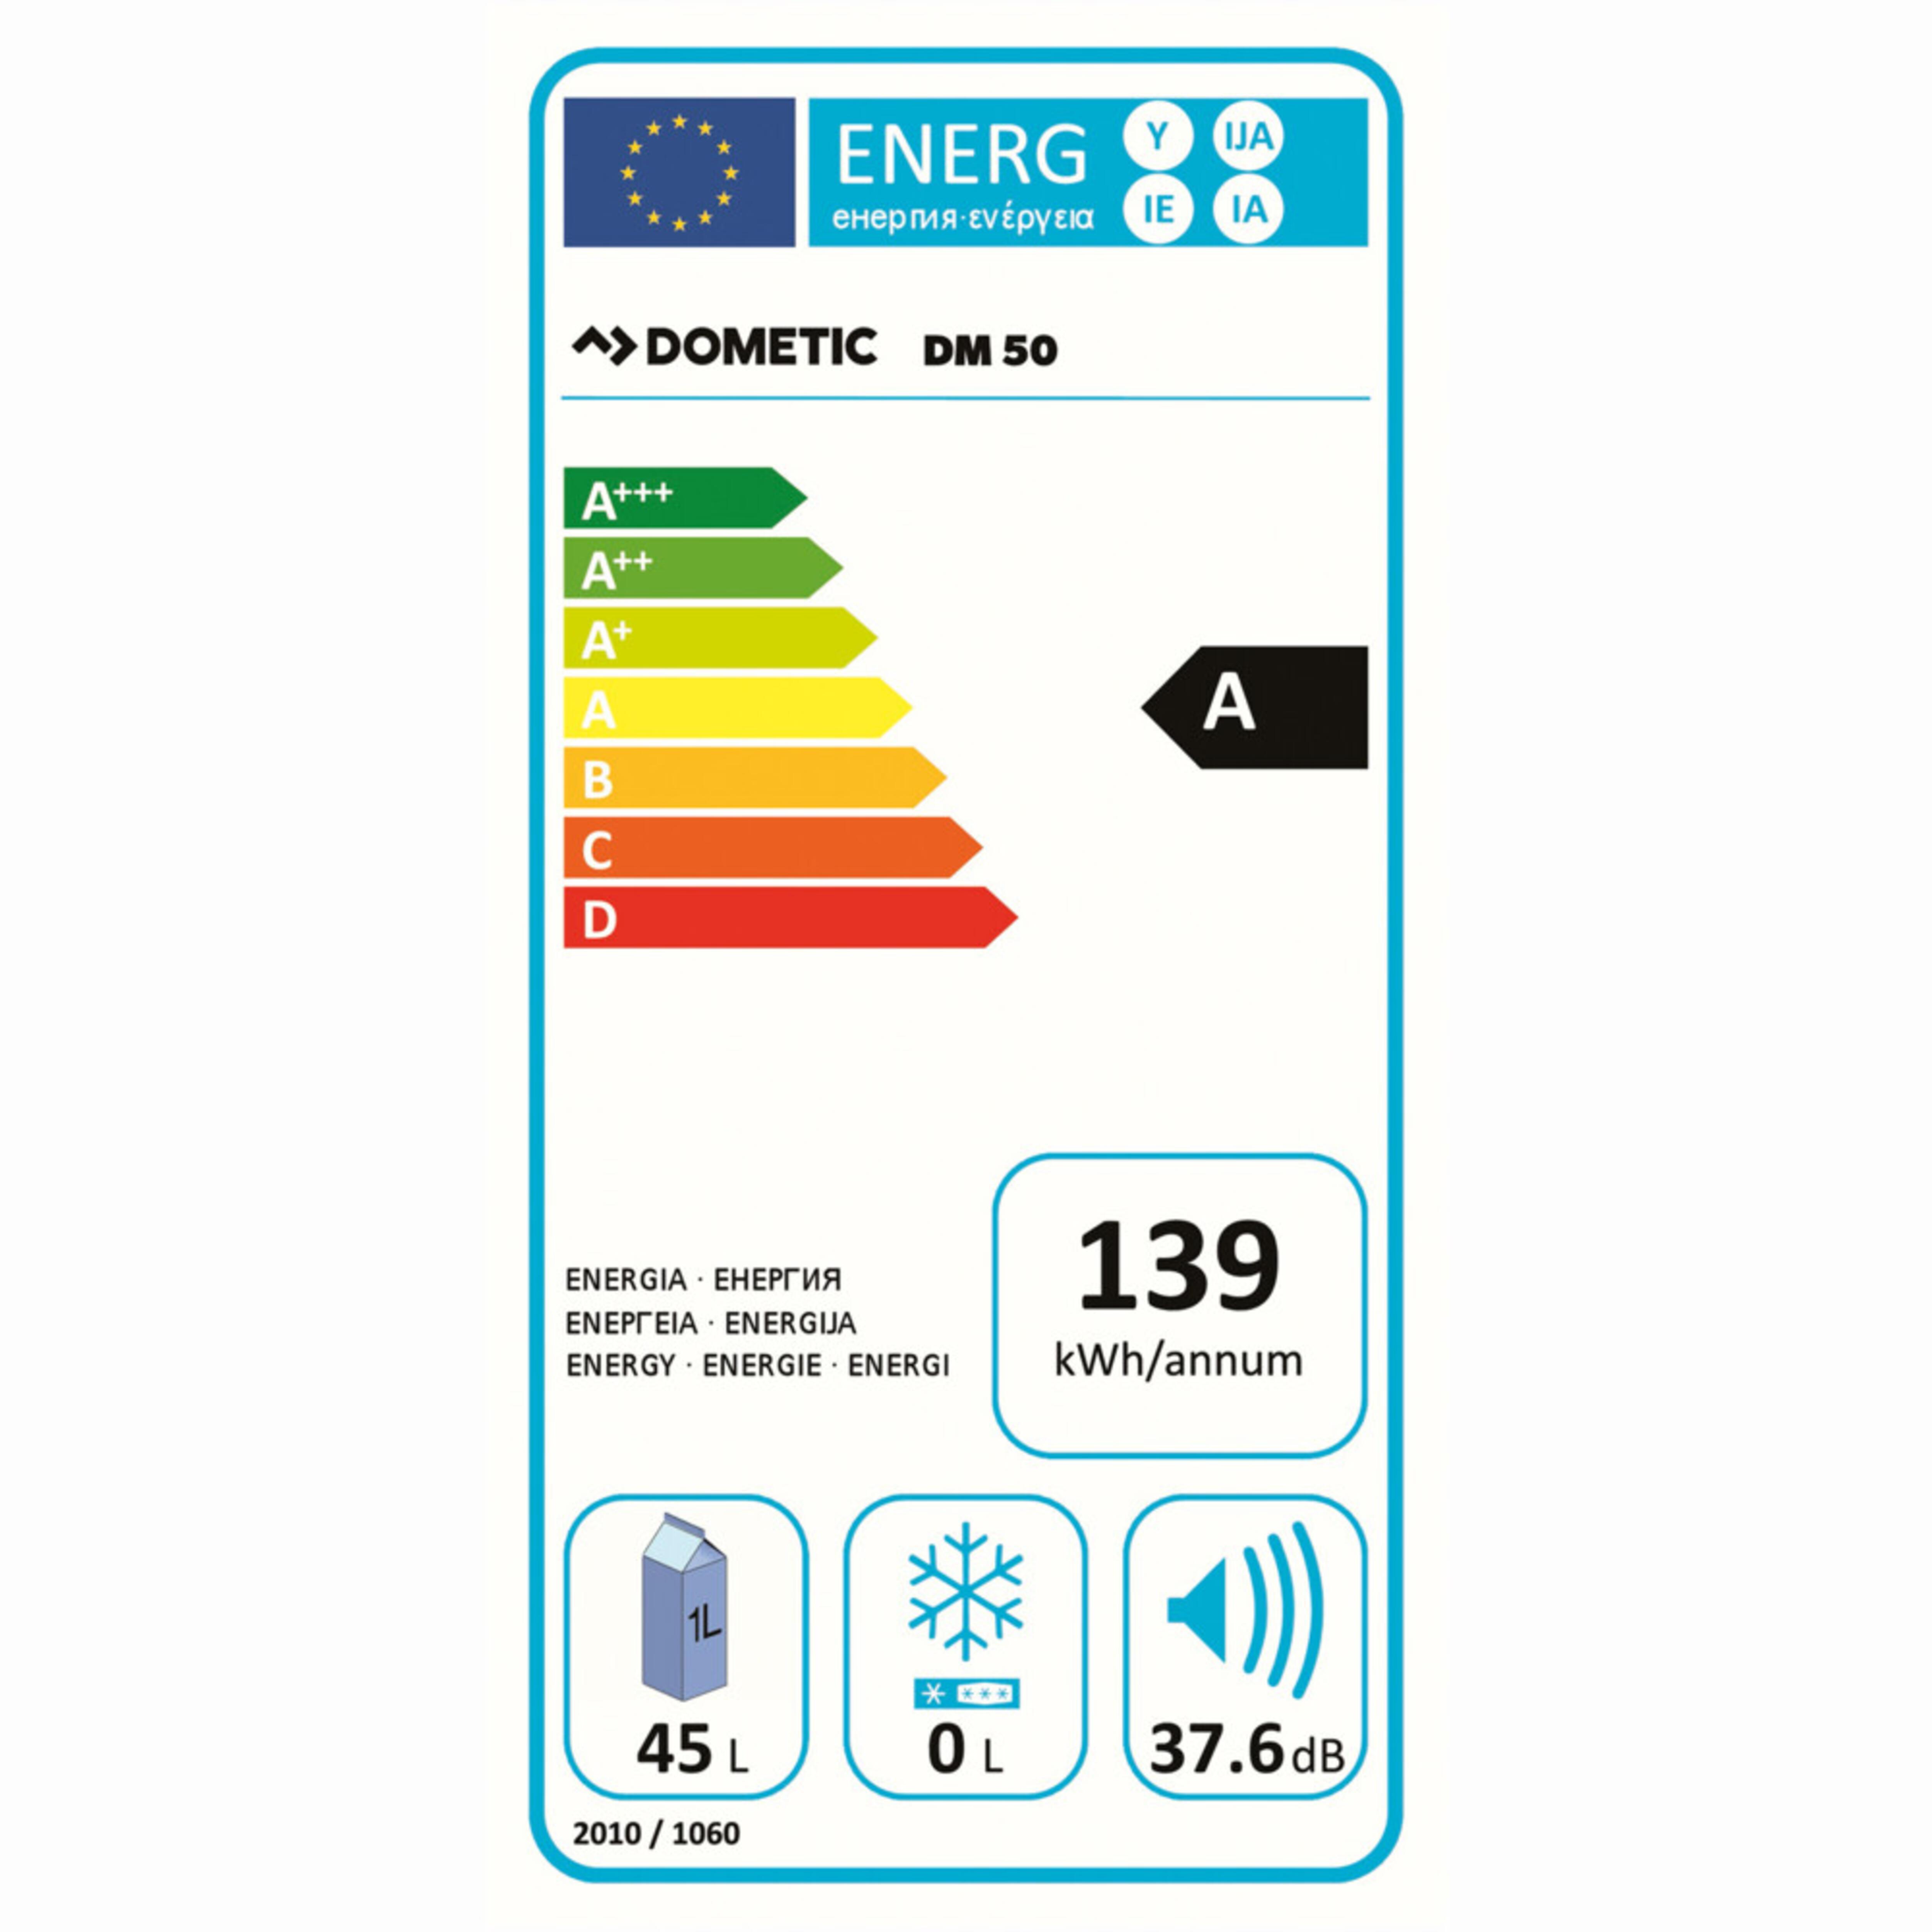 Dometic DM 50 D Energy label